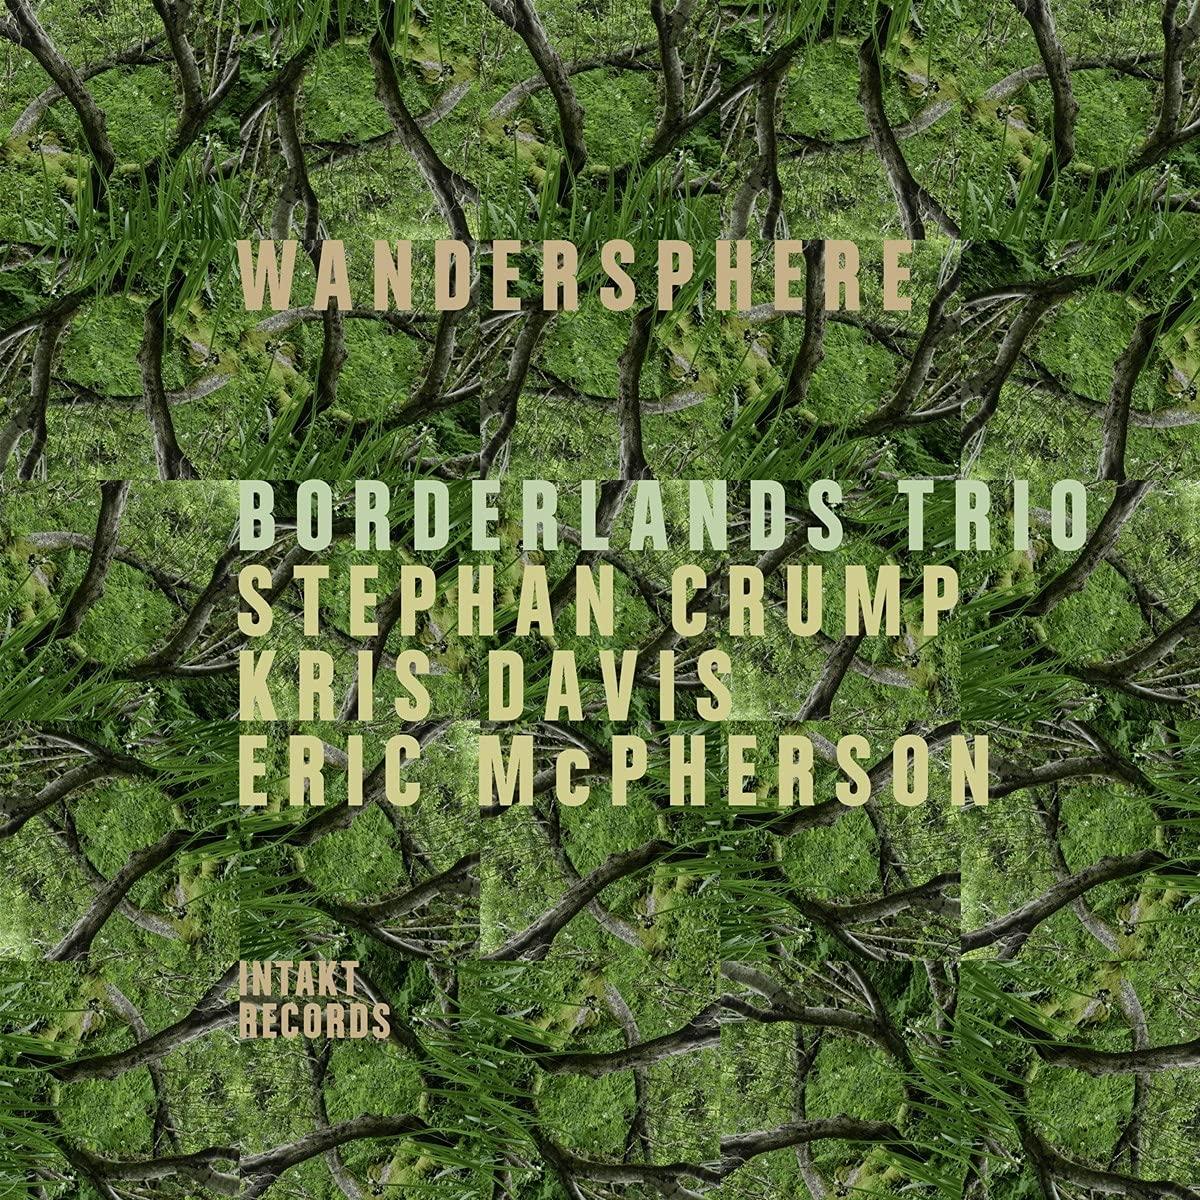 BORDERLANDS TRIO - Wandersphere cover